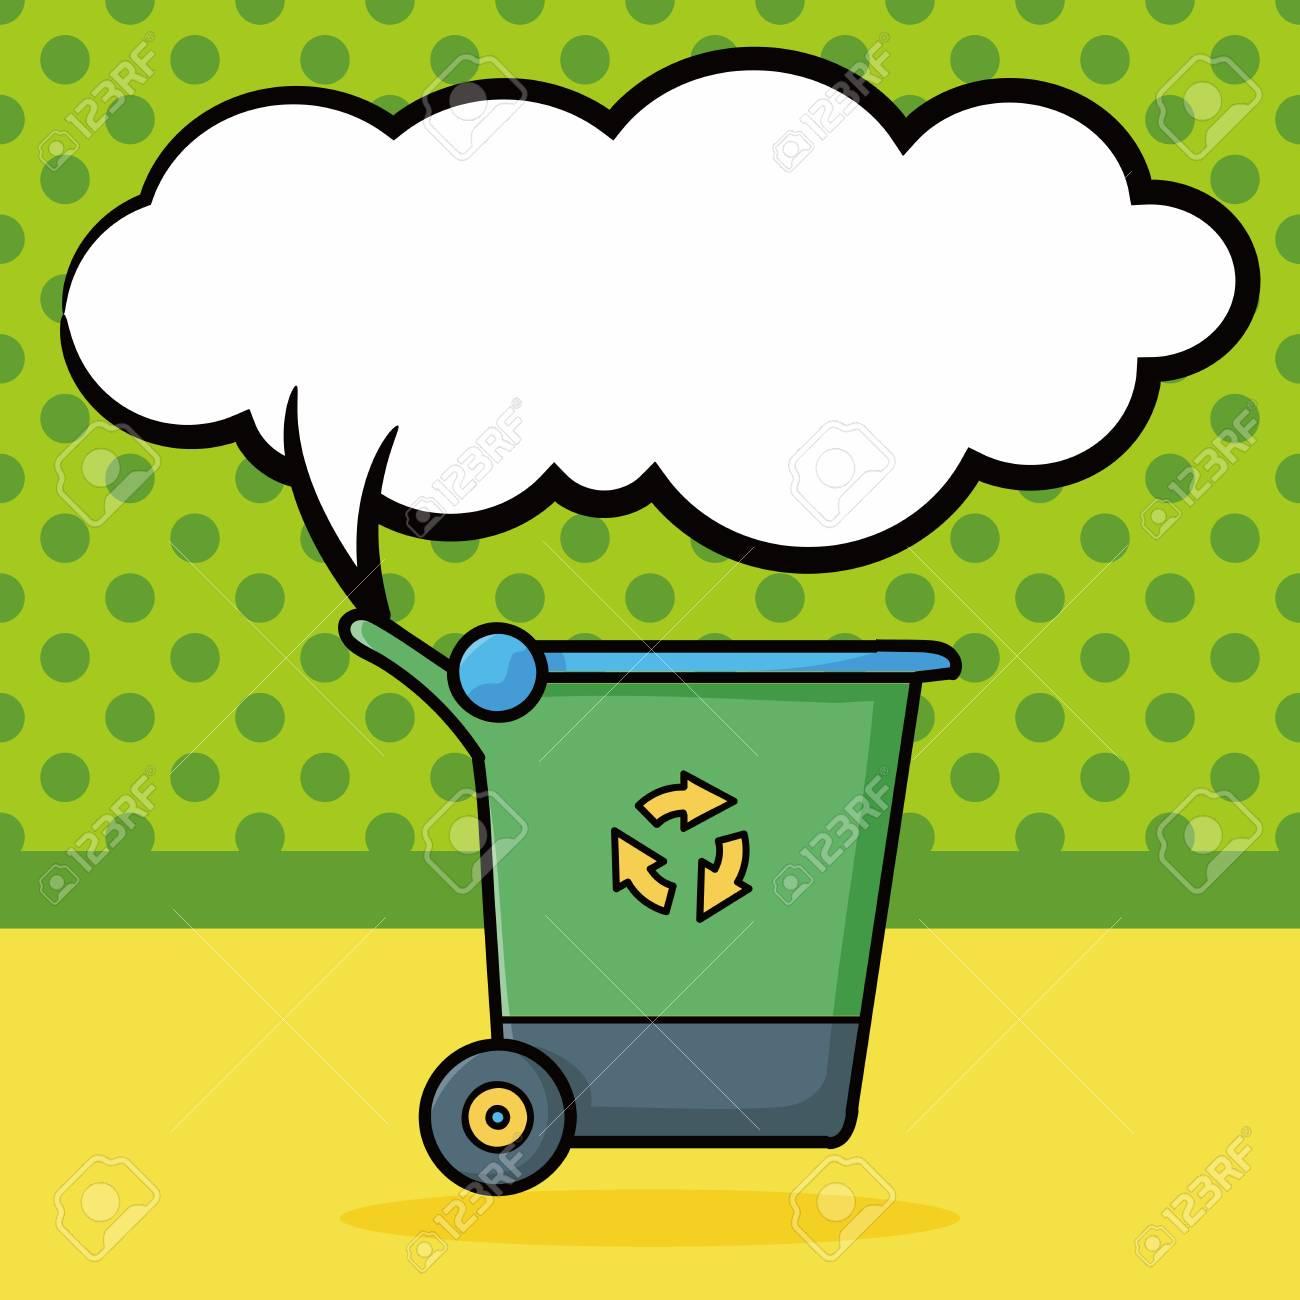 trash can doodle, speech bubble - 51780750